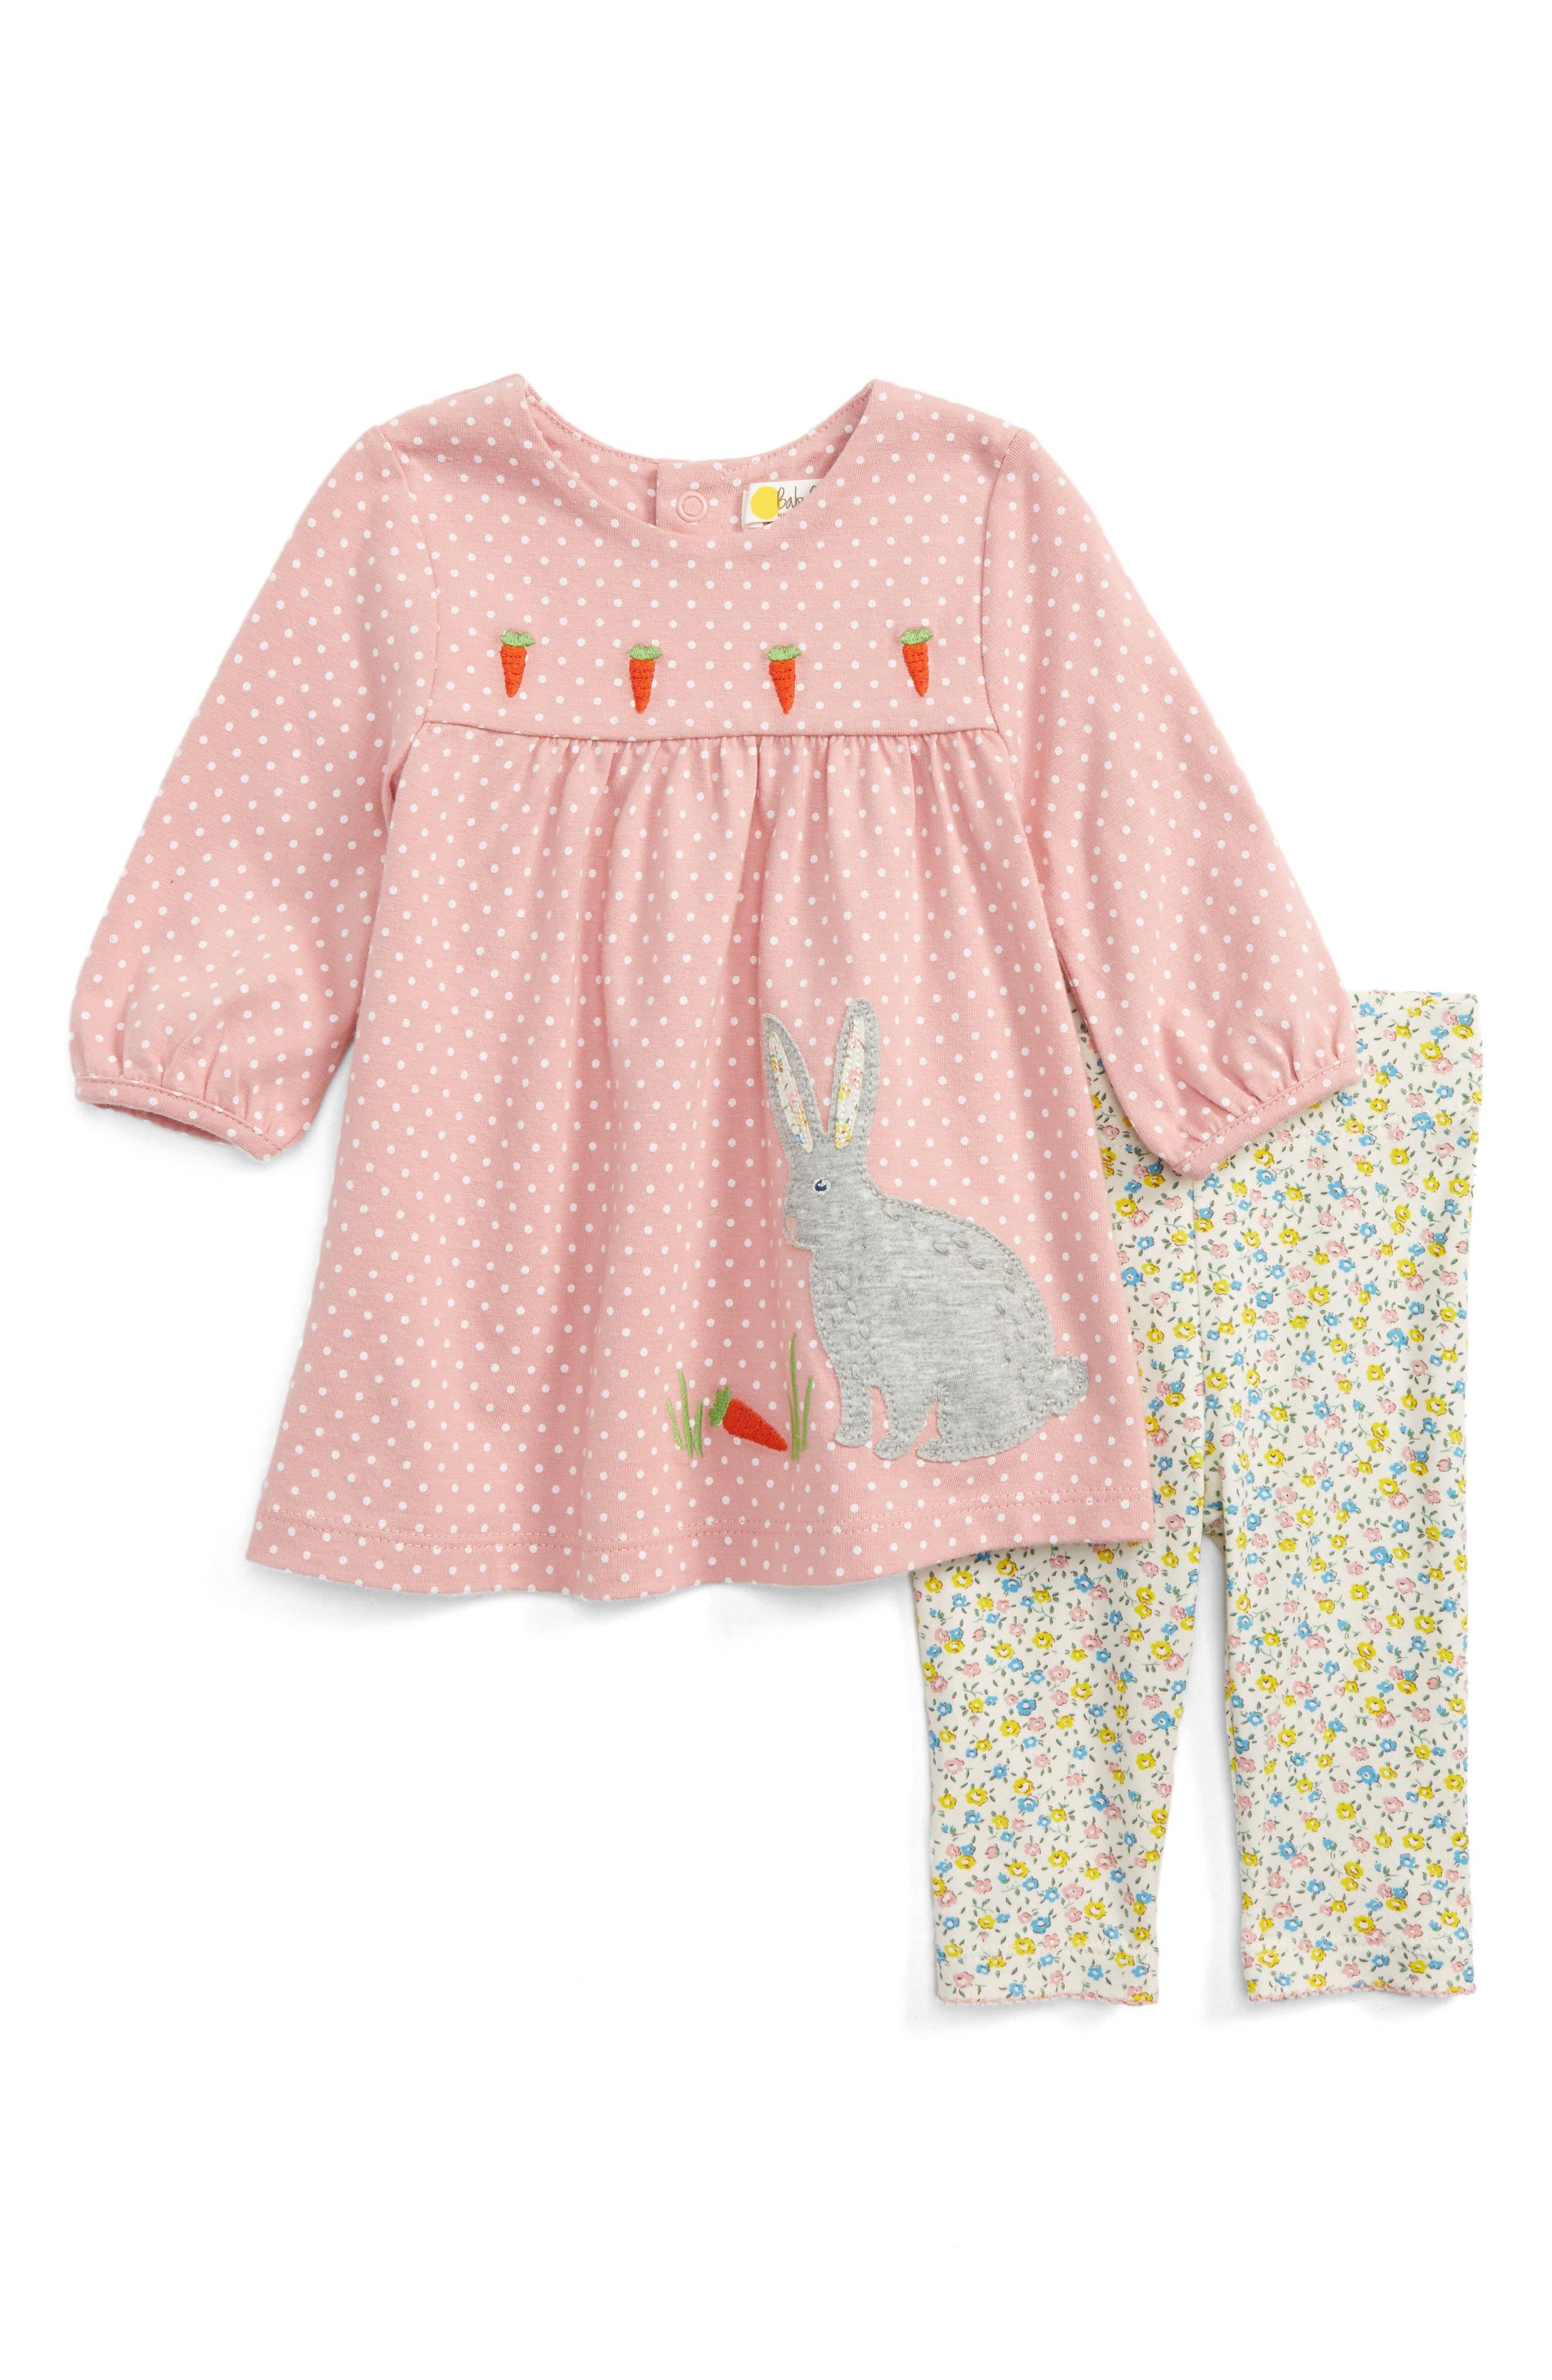 Main Image - Mini Boden Appliqué Dress & Leggings Set (Baby Girls & Toddler Girls)